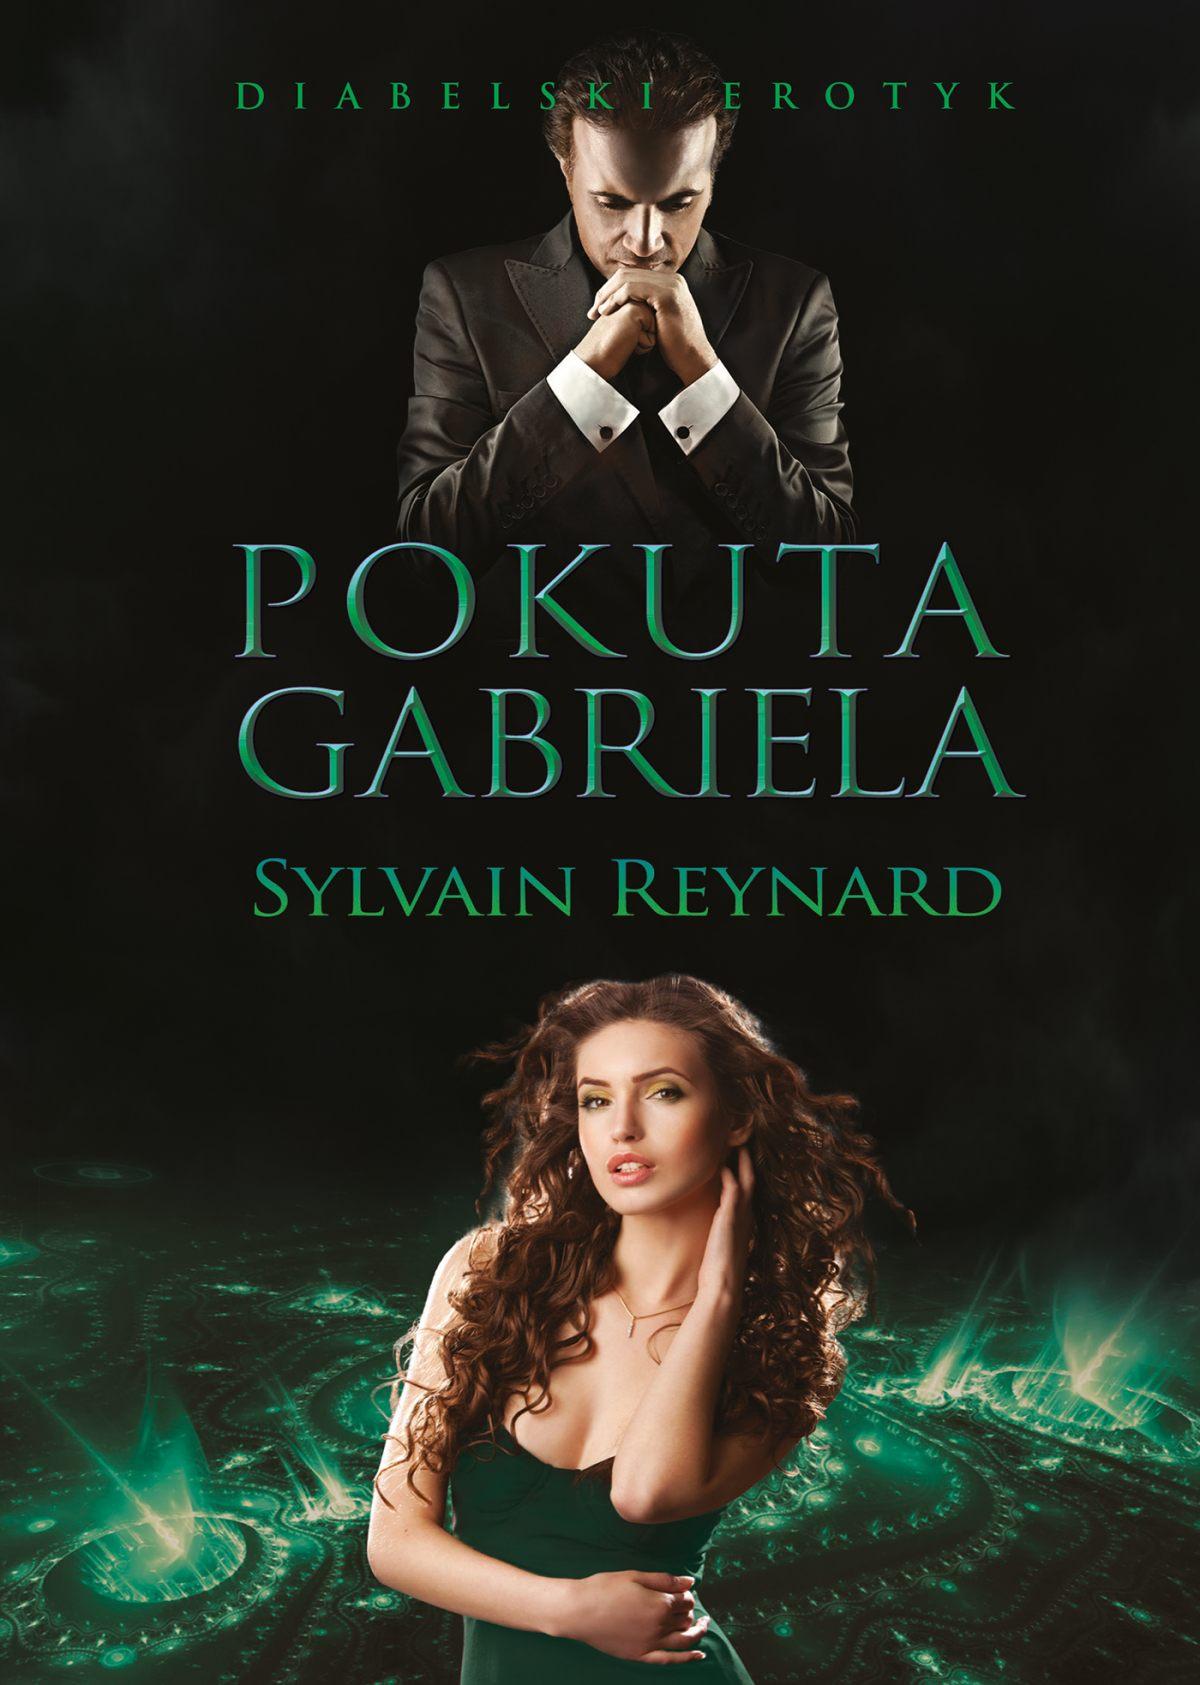 Pokuta Gabriela - Ebook (Książka EPUB) do pobrania w formacie EPUB